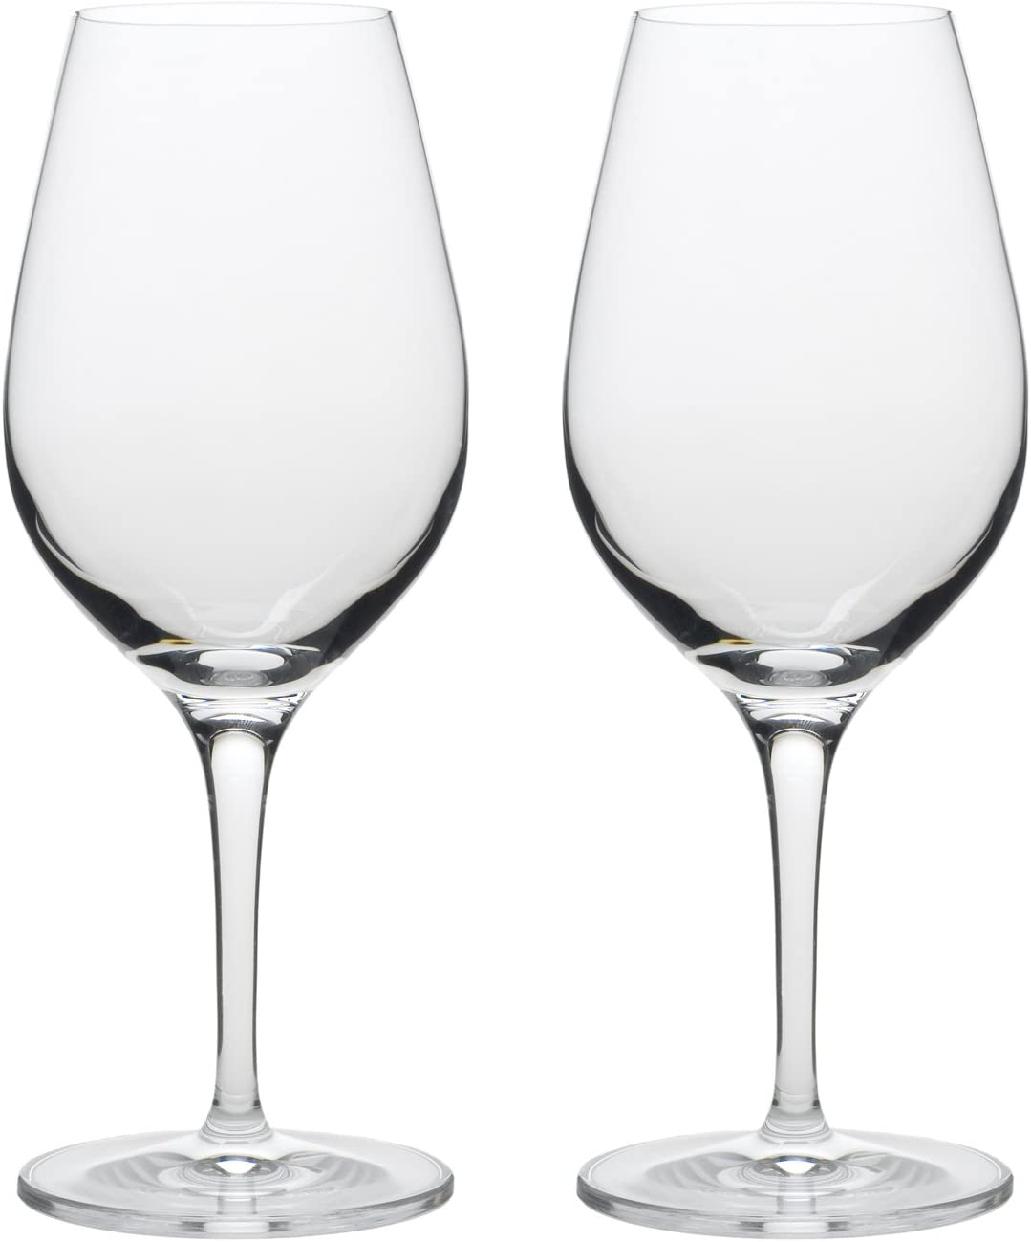 Stolzle Lausitz(シュトルツル ラウンジッツ) ユニヴァーサル 兼用 ワイングラス ペア 150/31 クリアの商品画像